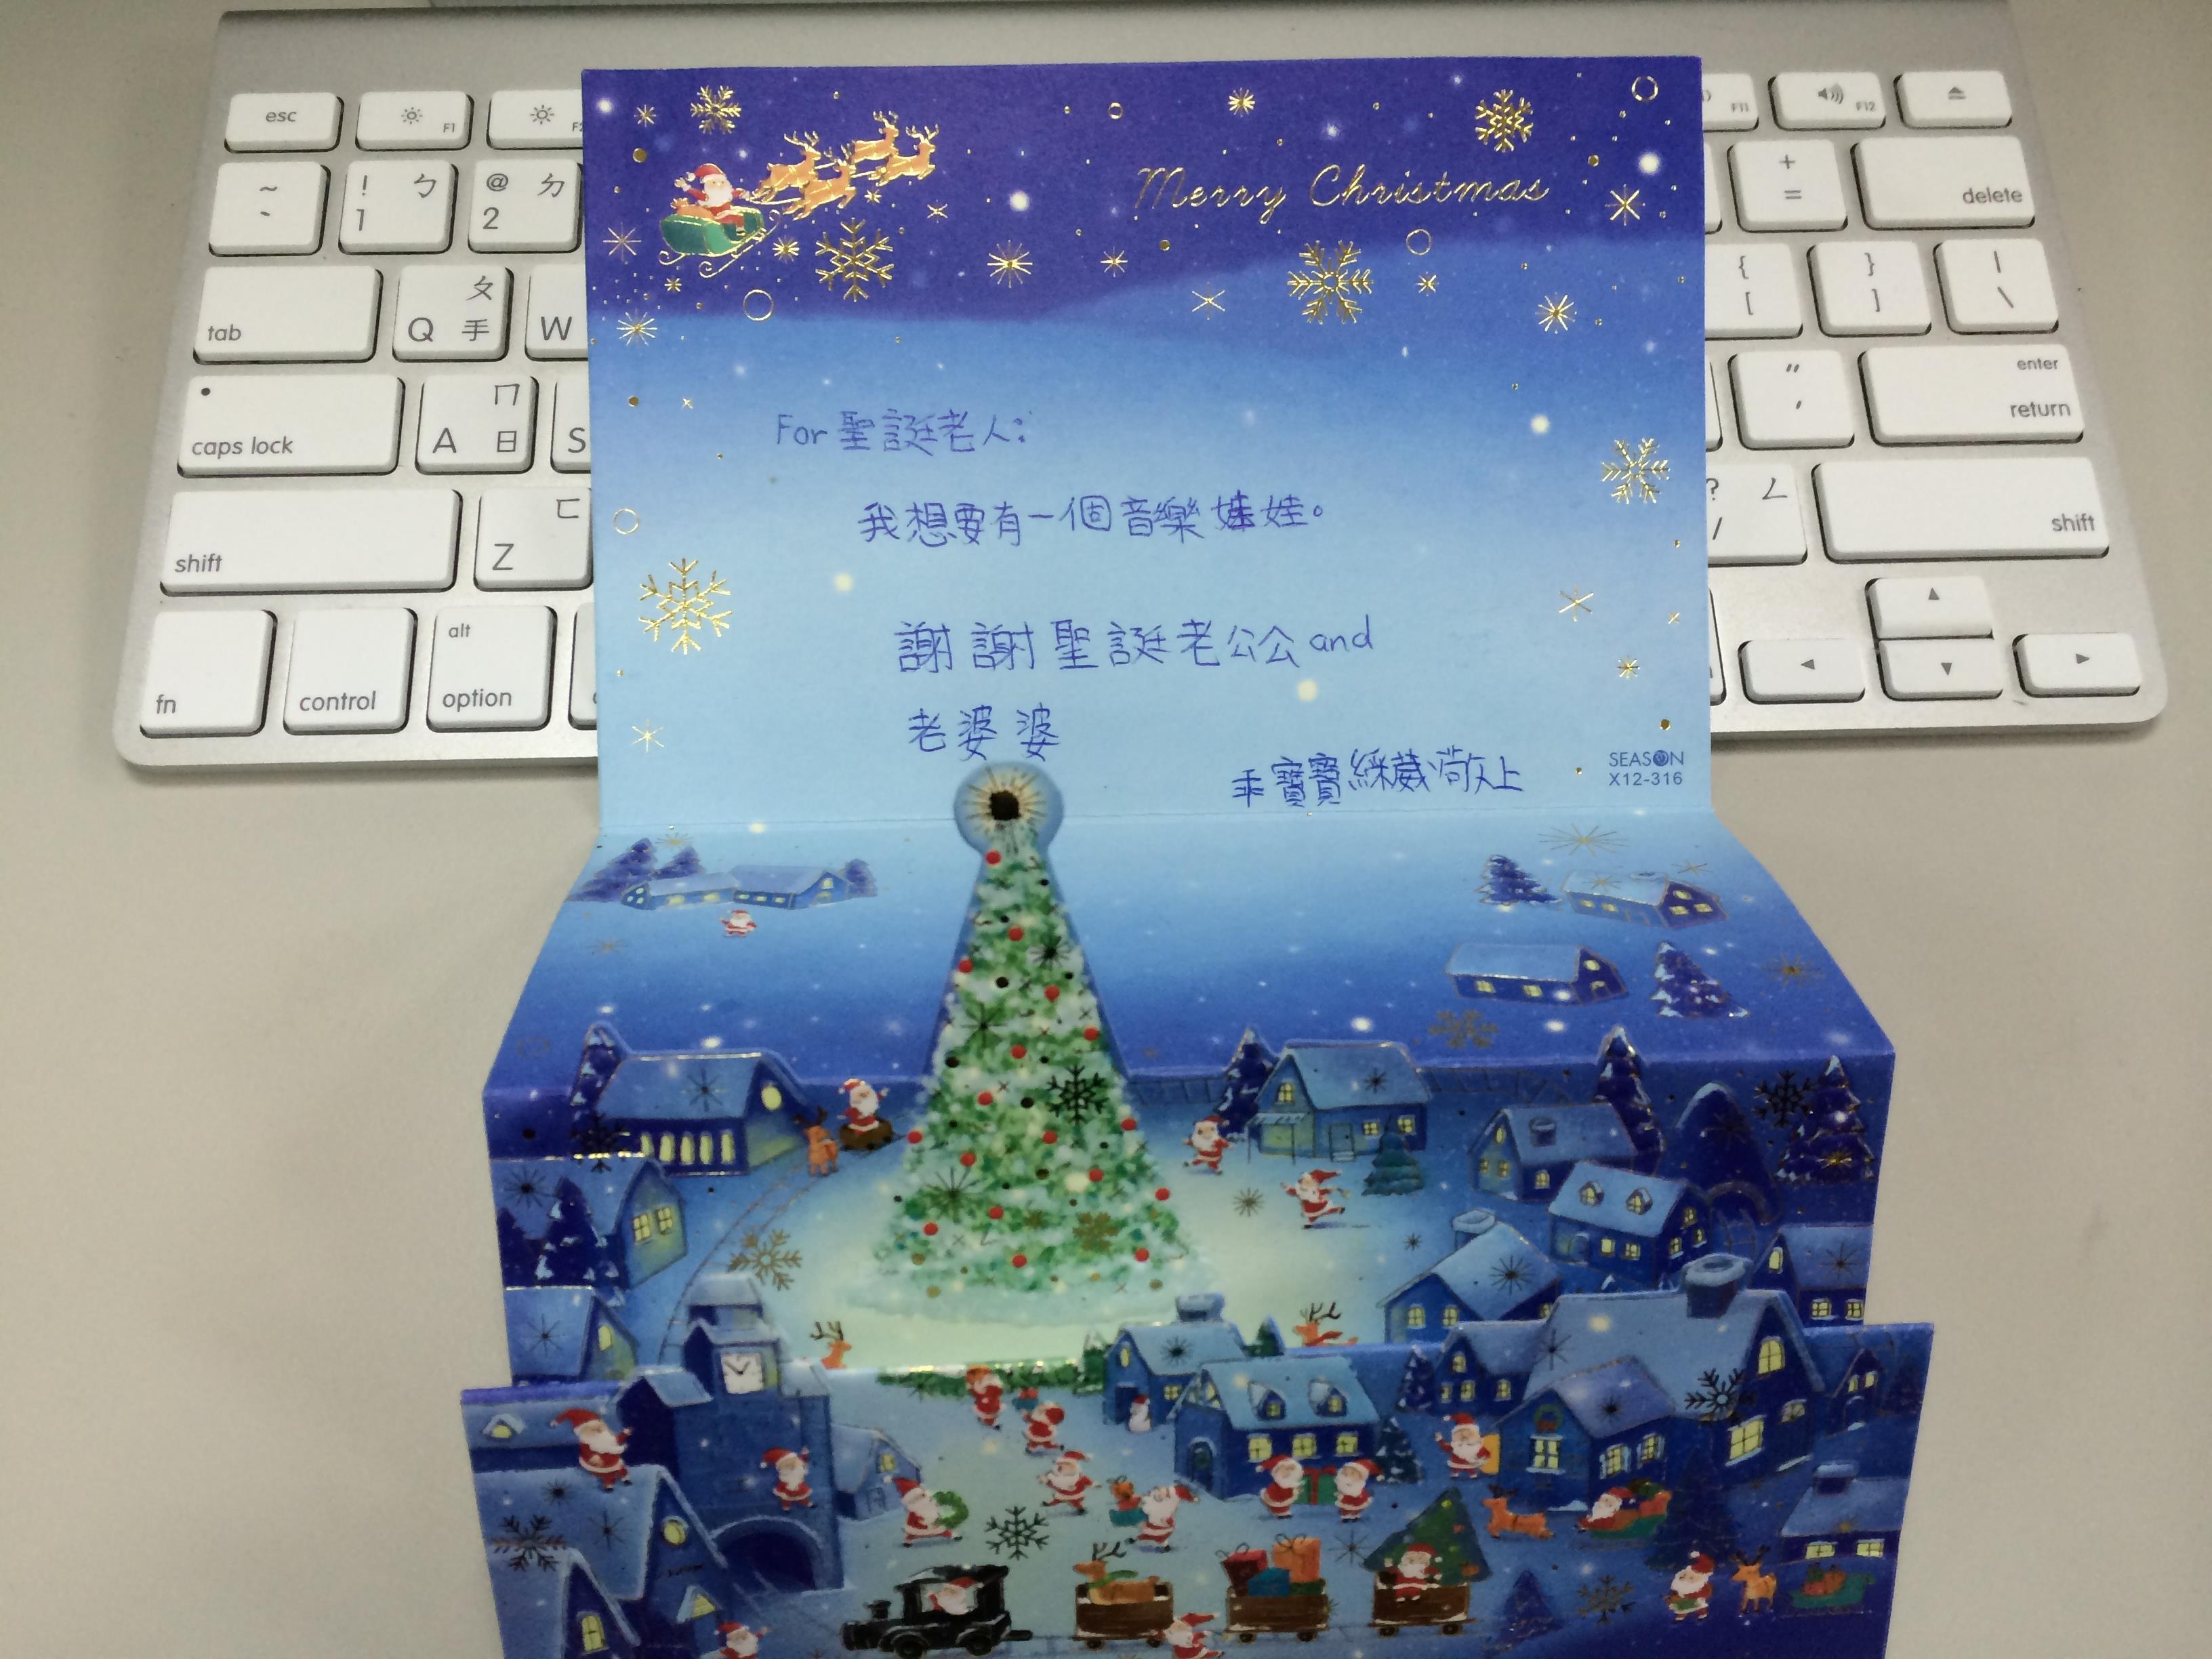 媽媽,請轉交「乖寶寶」卡片給耶誕老公公 - 商業周刊